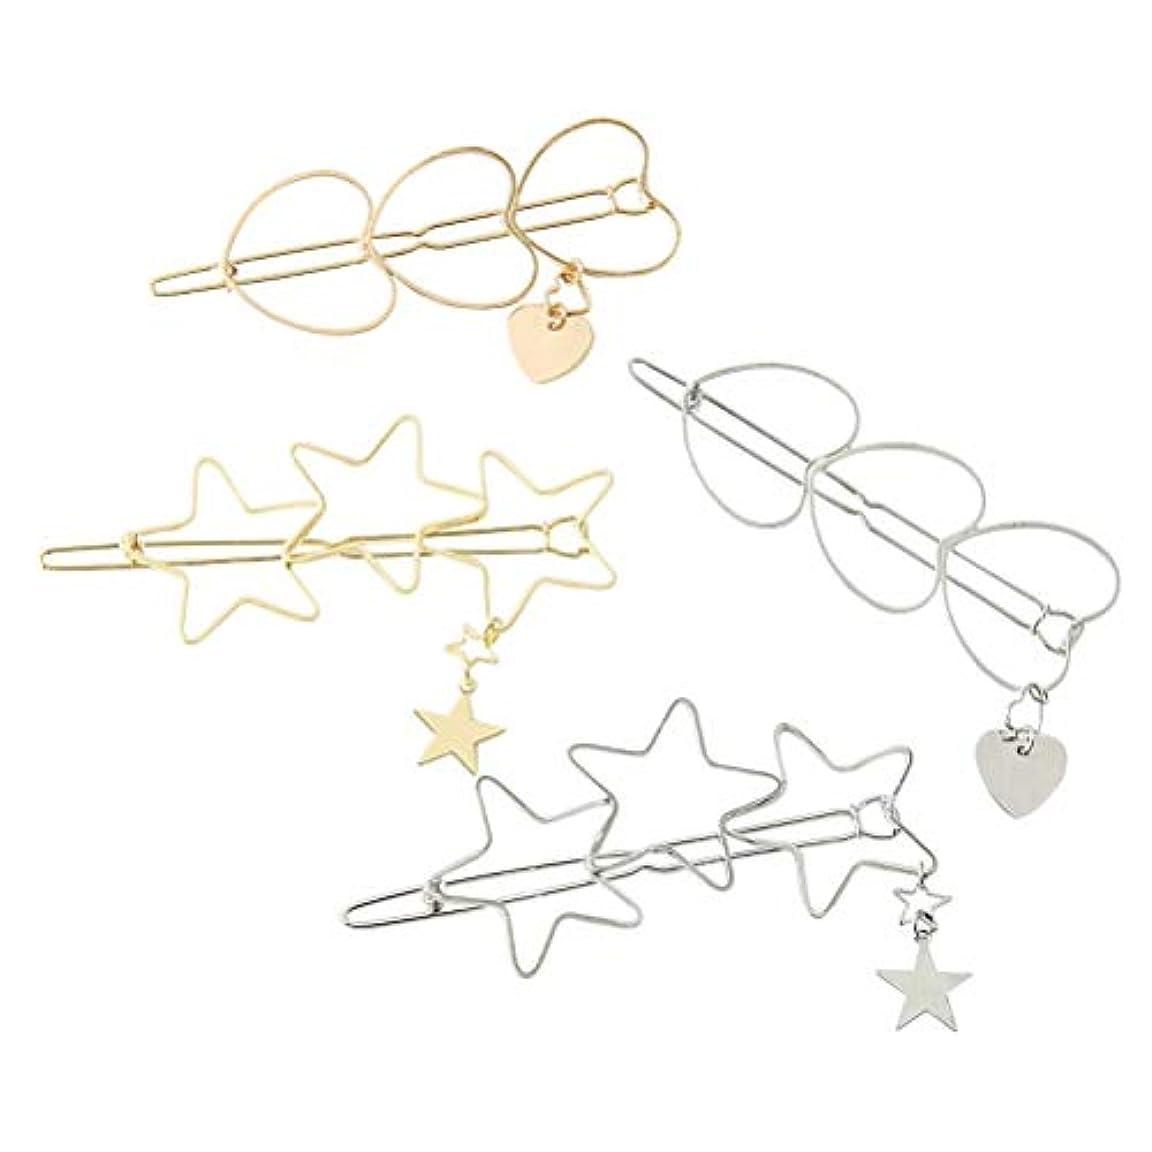 こしょう長椅子チャネルLurrose 4本のペンタグラムヘアクリップハートヘアクリップくり抜き髪飾り(スリーペンタグラム - シルバー、スリーペンタグラム - ゴールデン、スリーハート - シルバー、スリーハート - ゴールデン、各1枚)